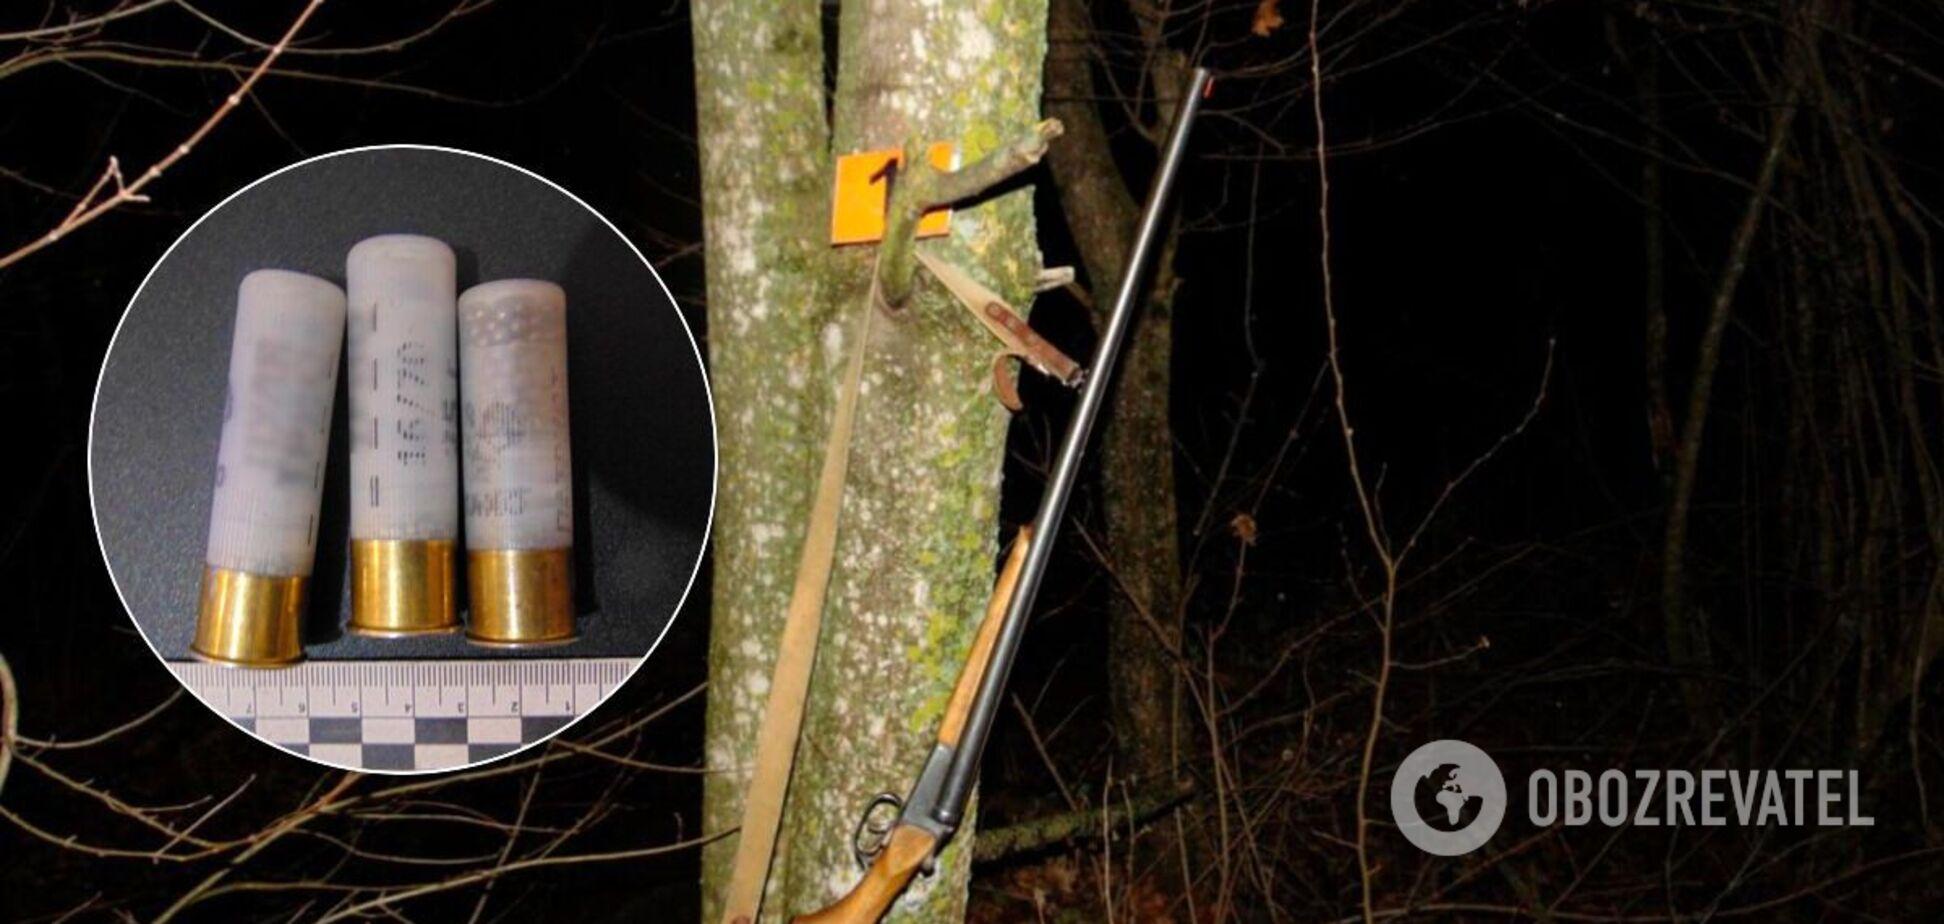 В Черновицкой области застрелили мужчину, рубившего елку в лесу